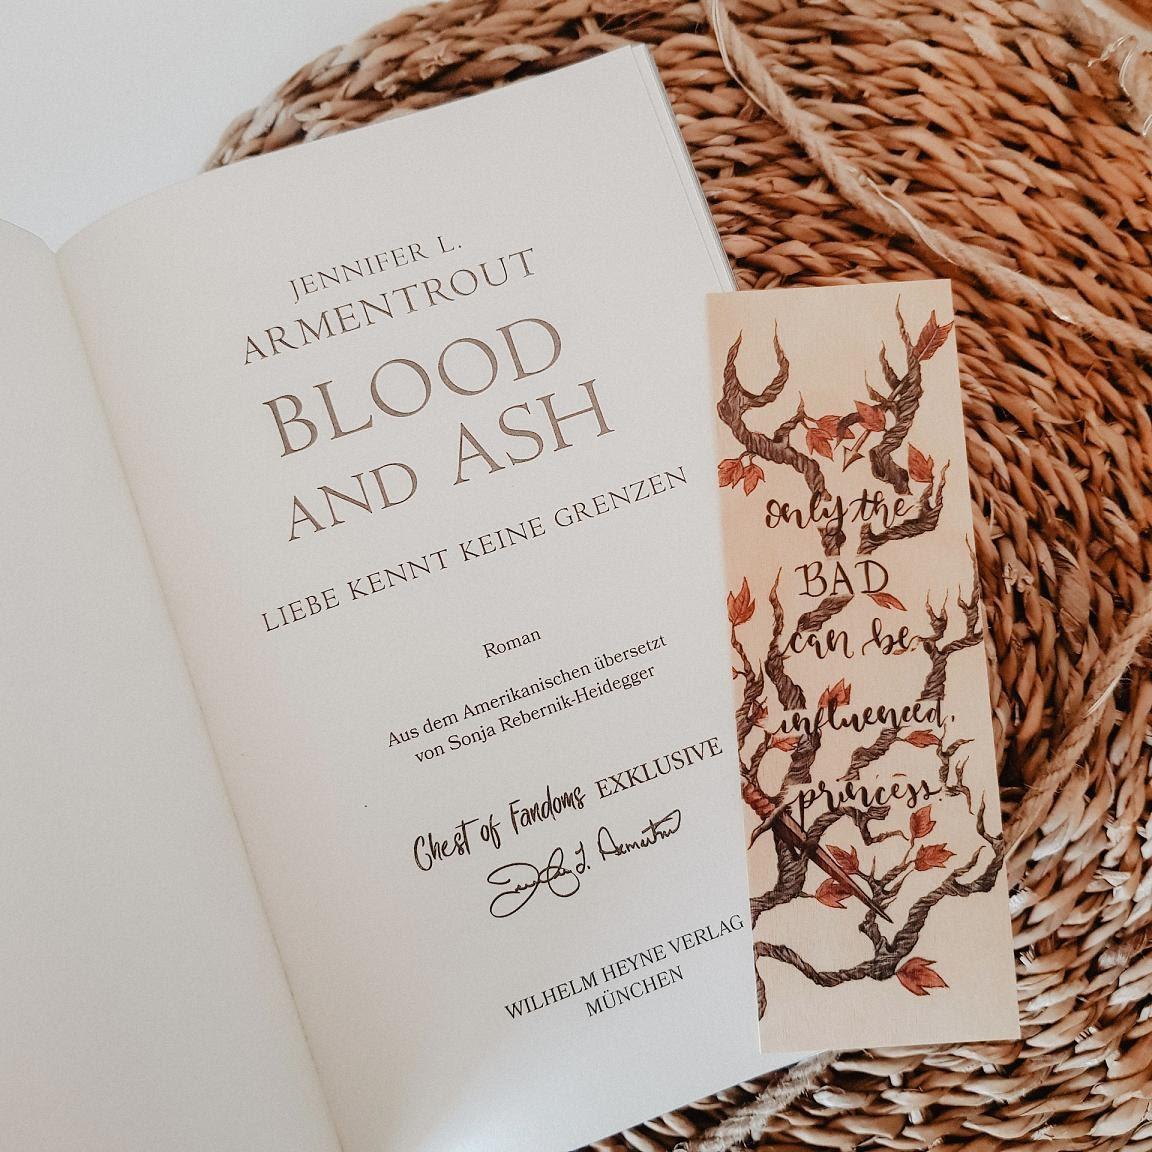 Bücherblog. Unboxing - Part 10. Chest of Fandoms - Blood & Ash Spezial Box. Jennifer L. Armentrout. FBAA.